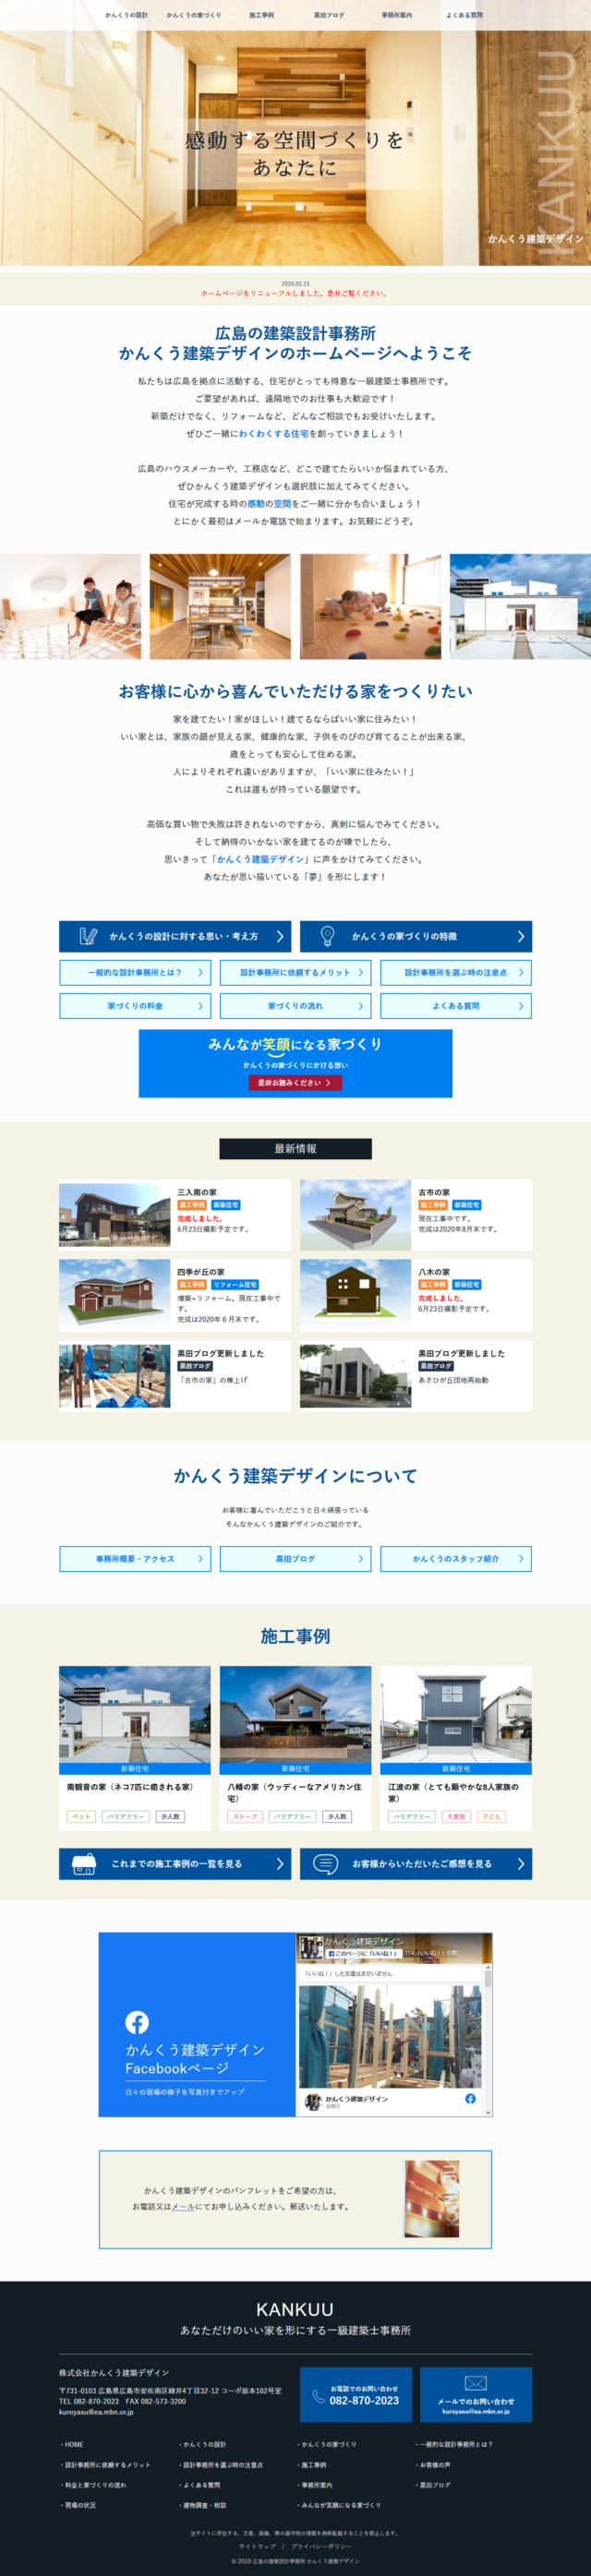 広島の建築家・建築設計事務所 株式会社かんくう建築デザイン 様